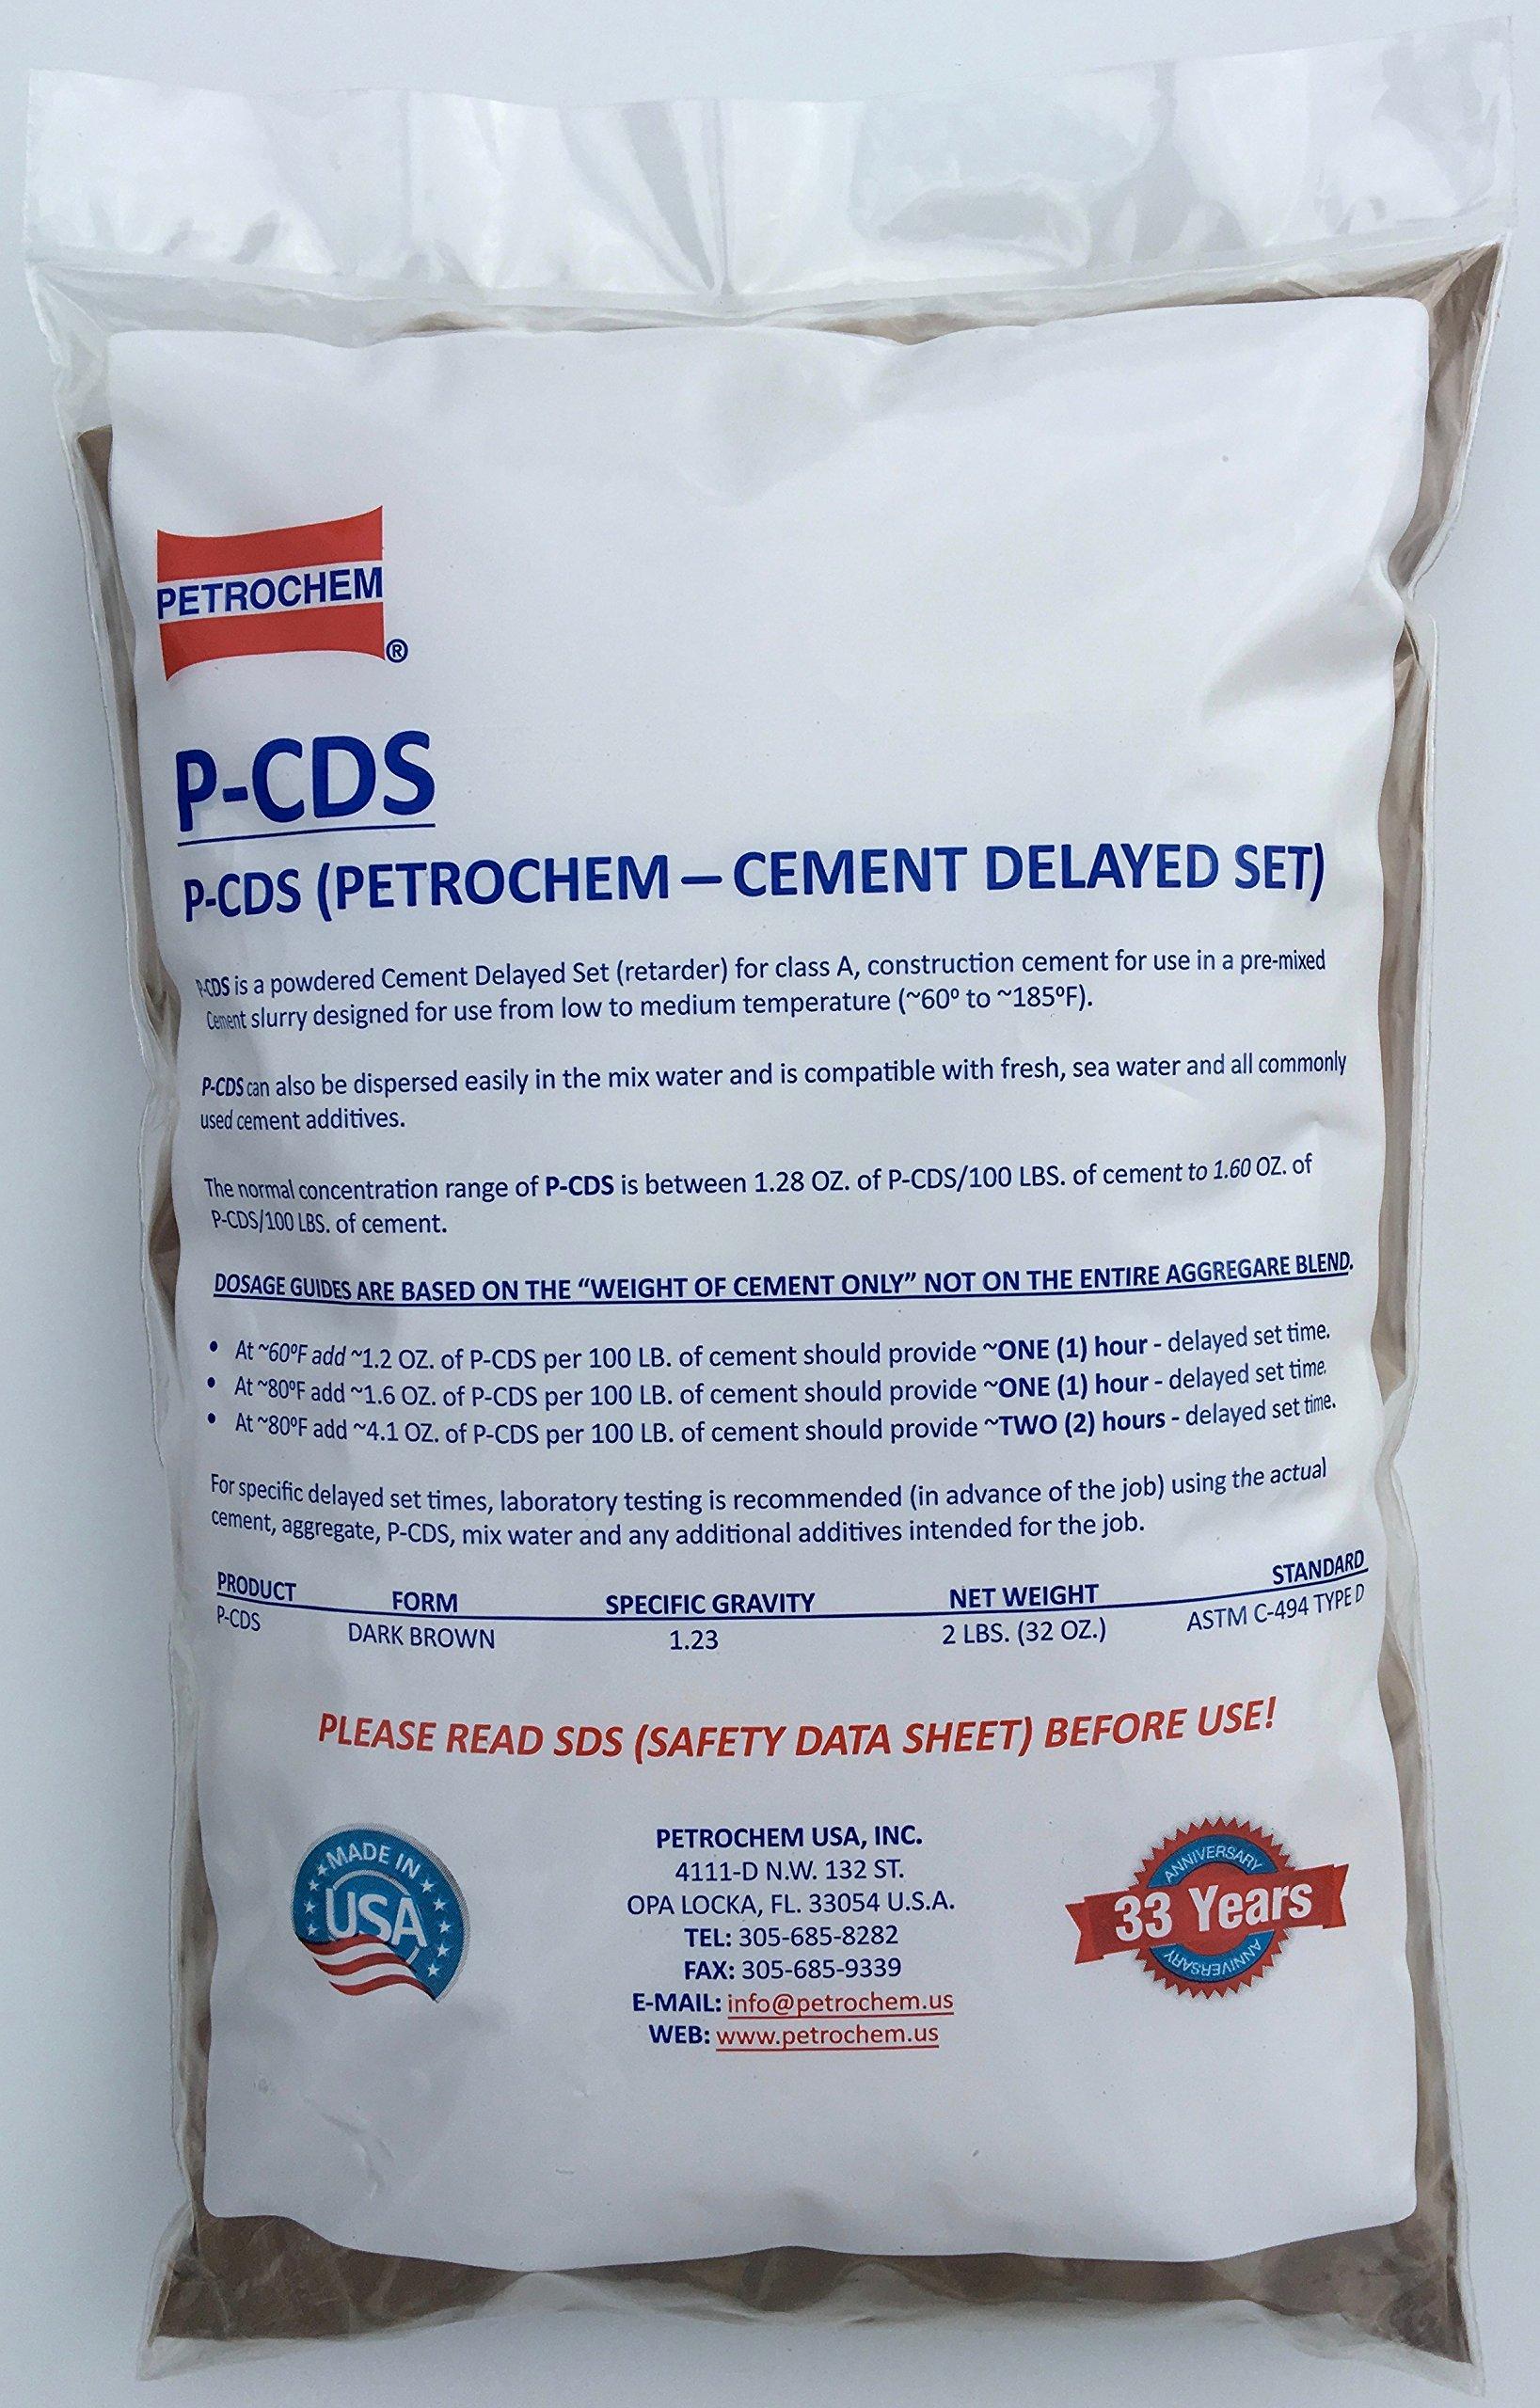 P-CDS (PETROCHEM - Cement Delayed Set)